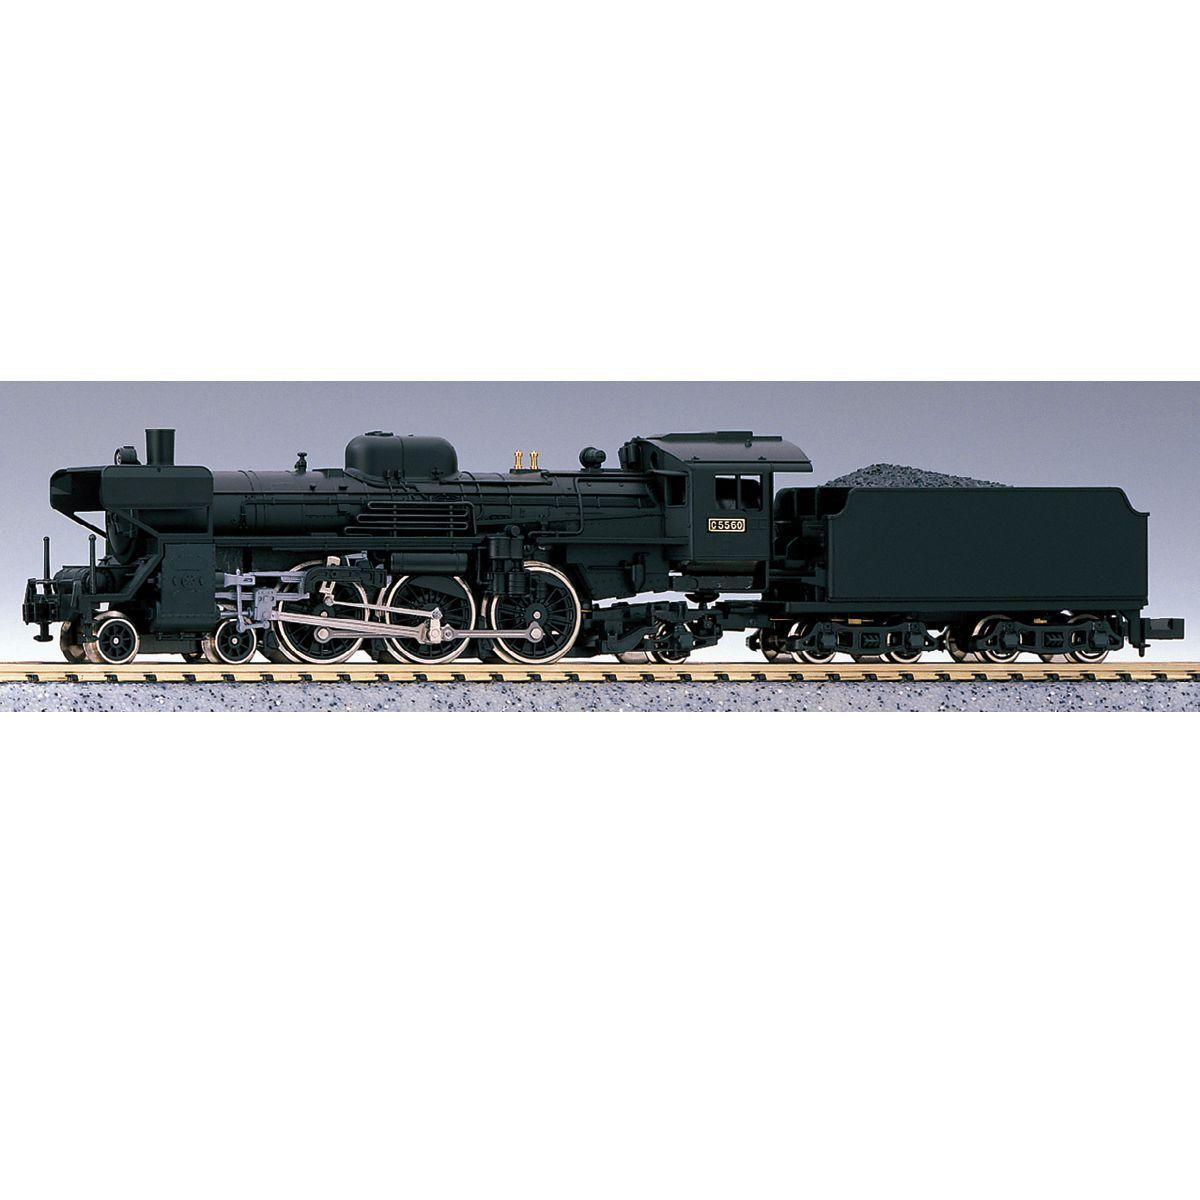 Kato 2012 Steam Locomotive 4-6-2 Type C55 Montetsu Type Def - N